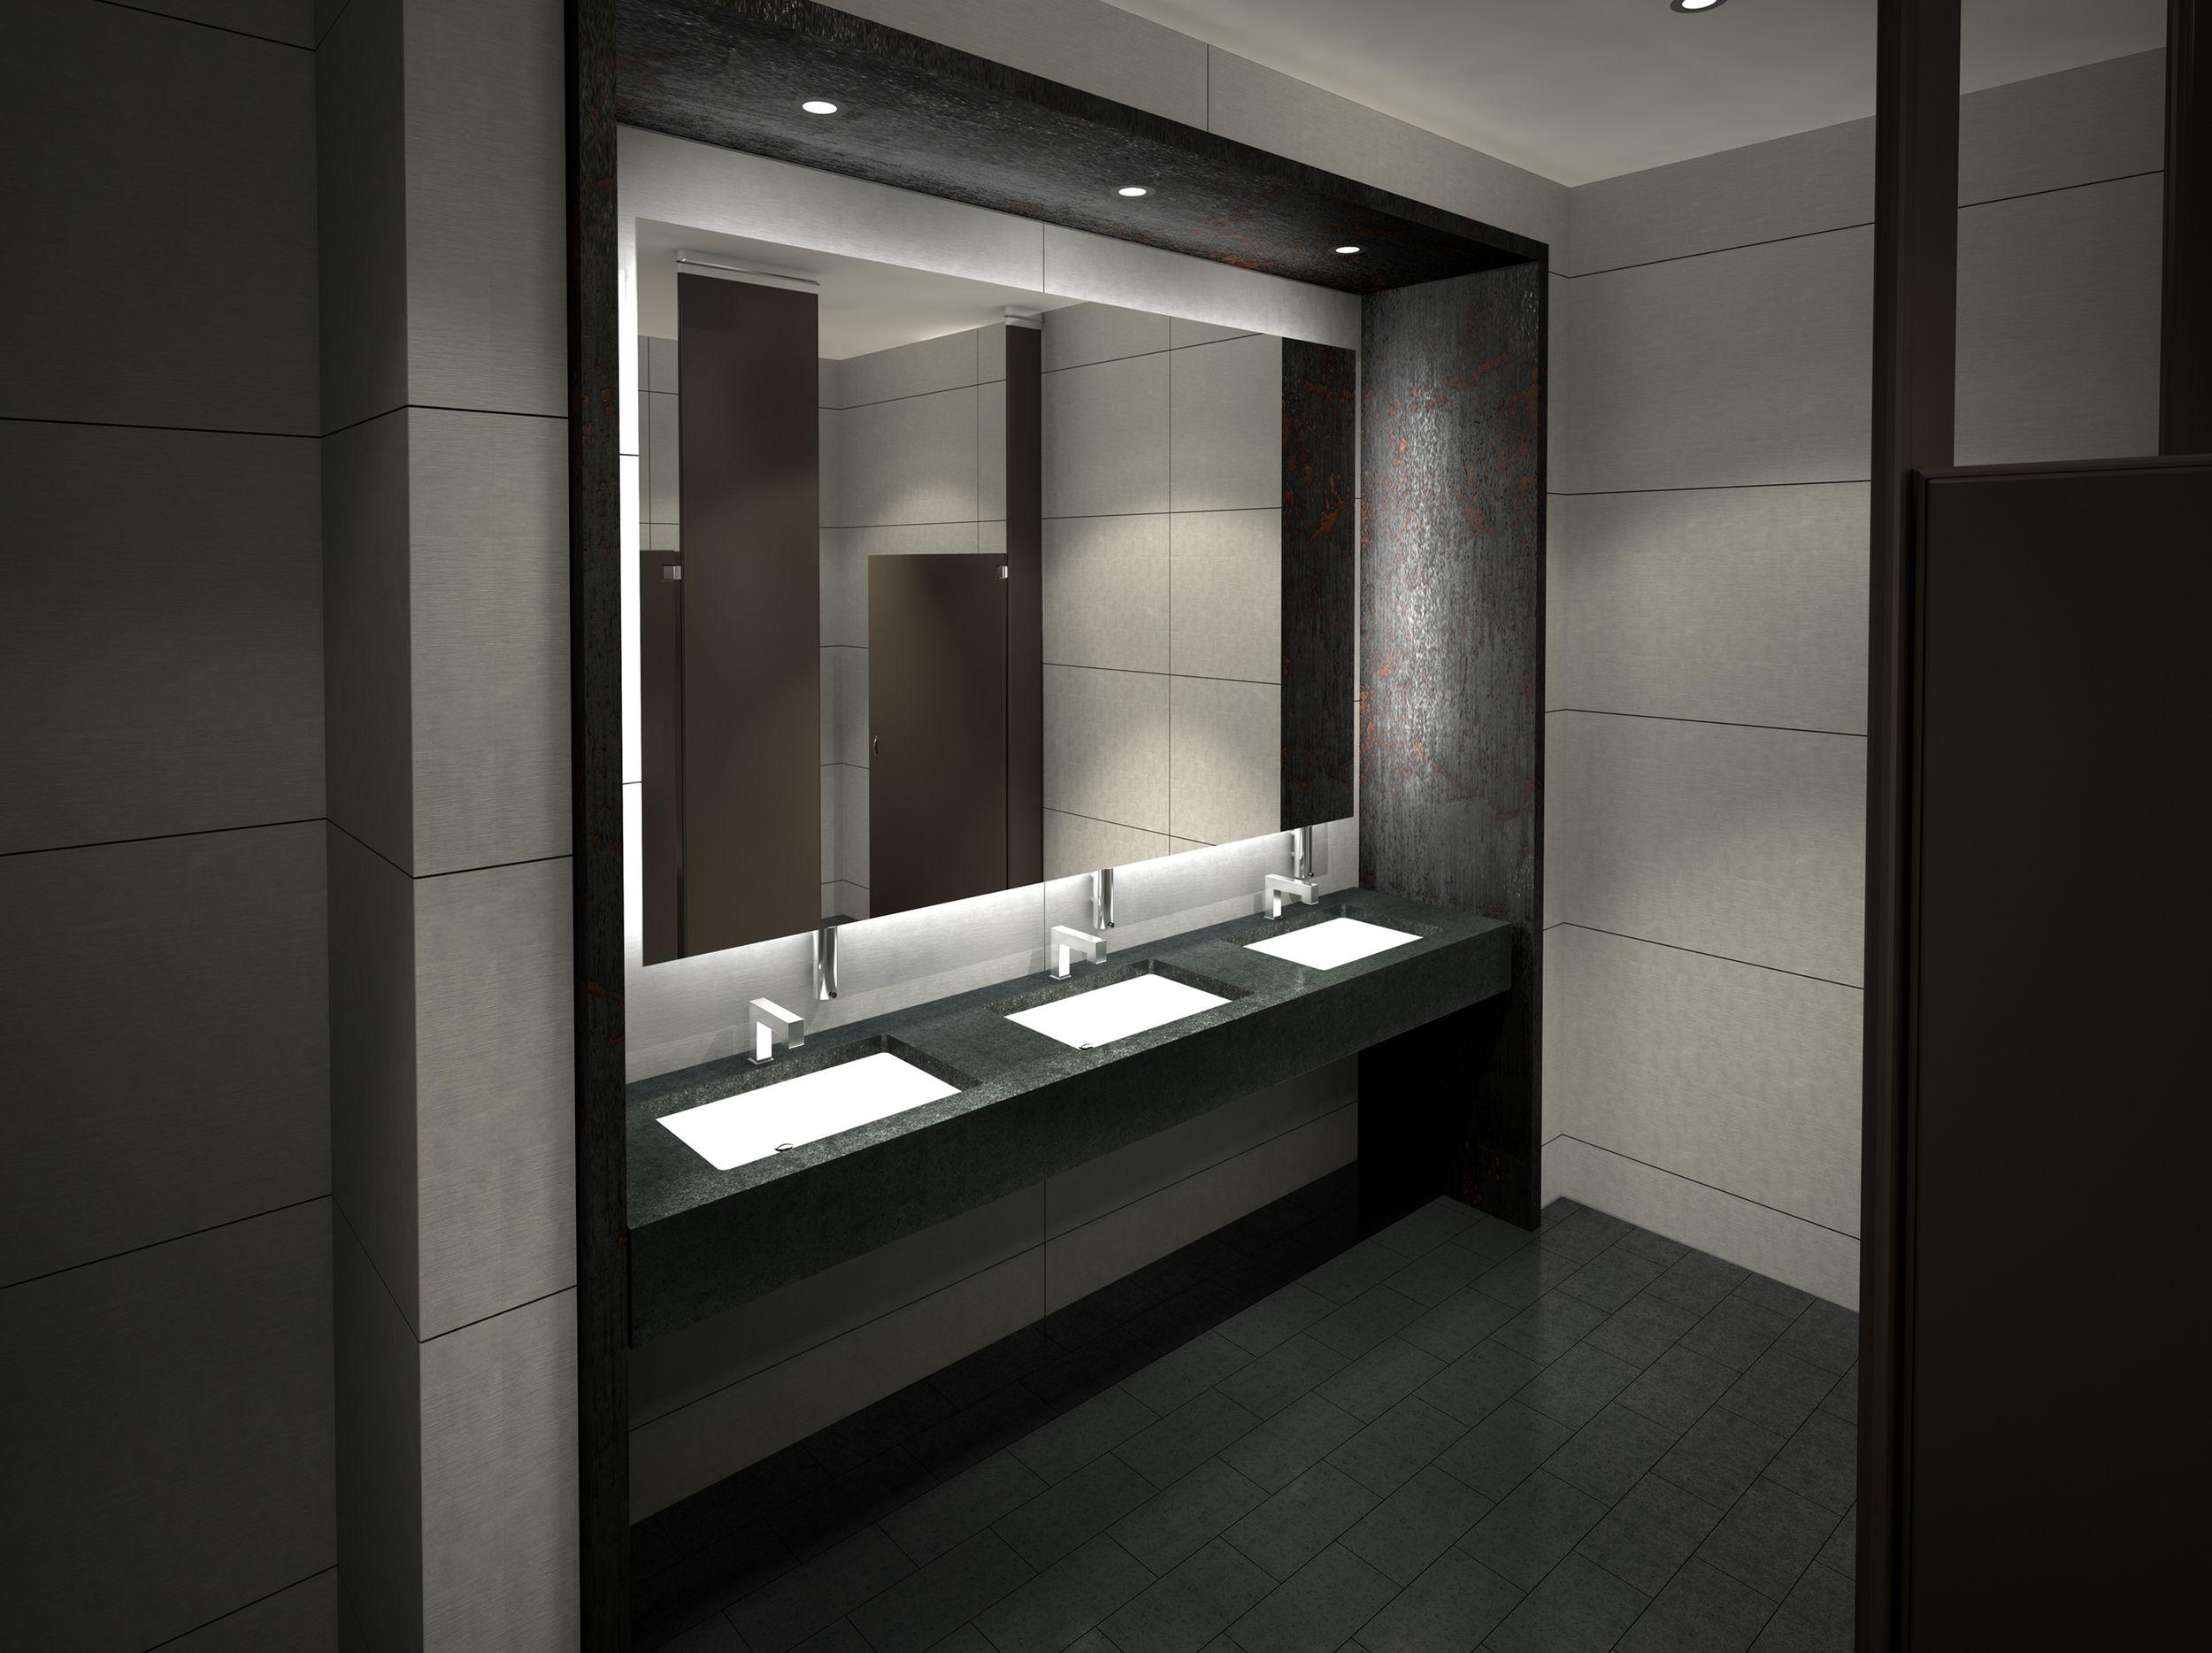 Pin By Bo Yi Lyu On Office Toilet In 2019 Restroom